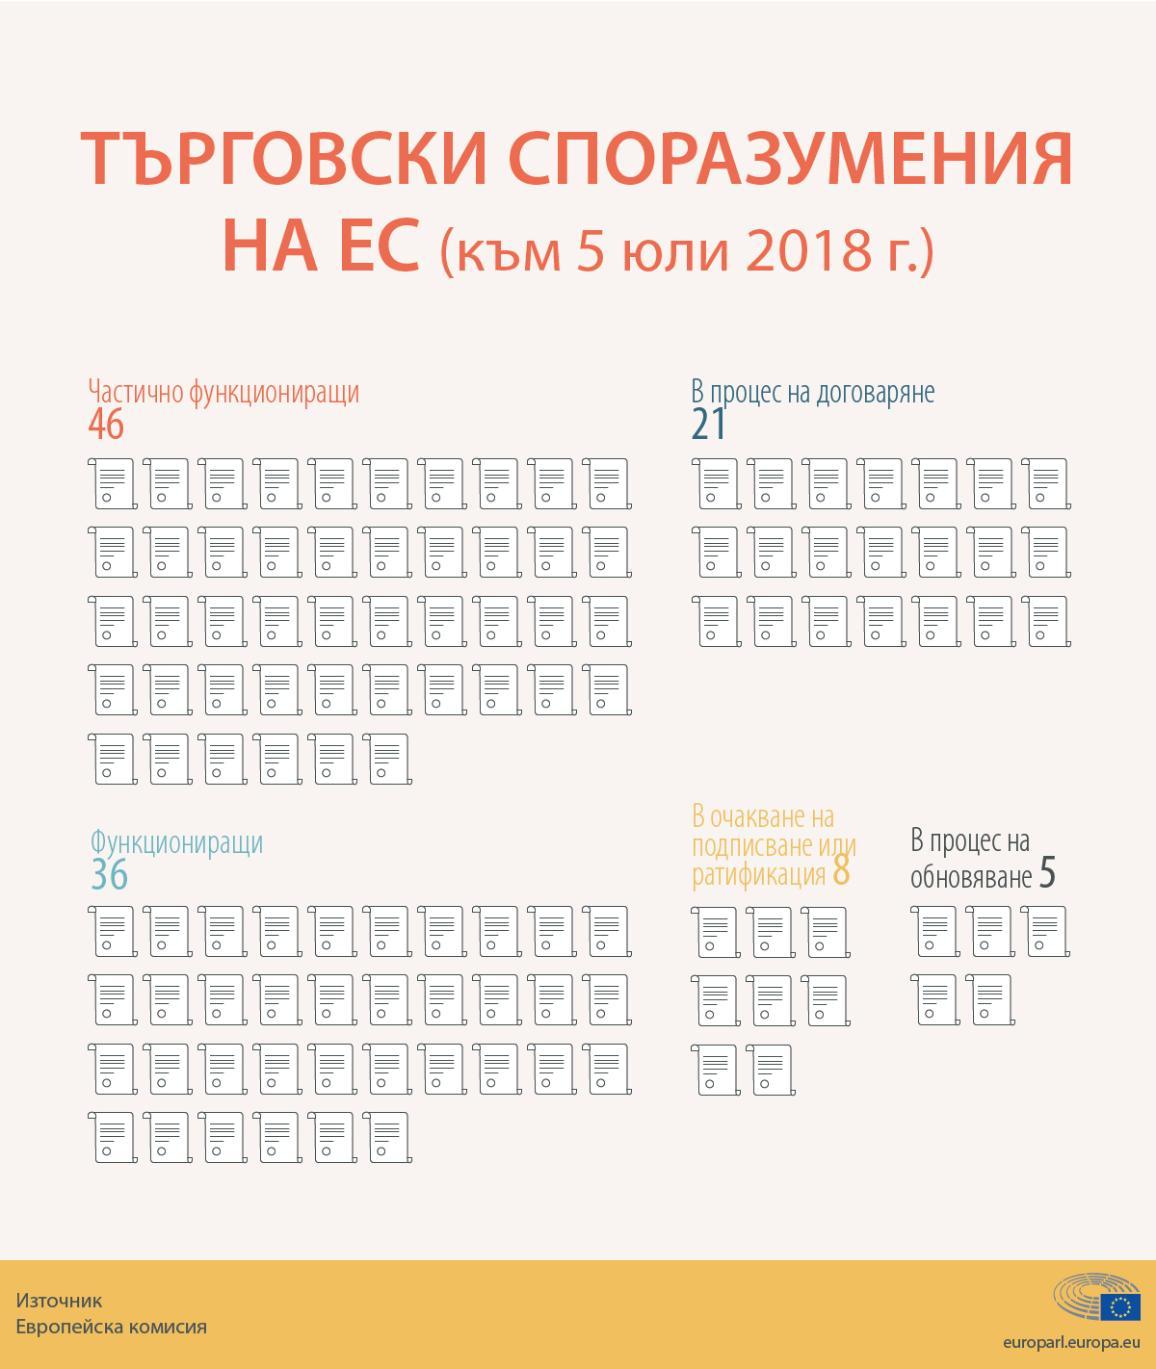 Инфографика за търговските споразумения на ЕС през 2018 г.